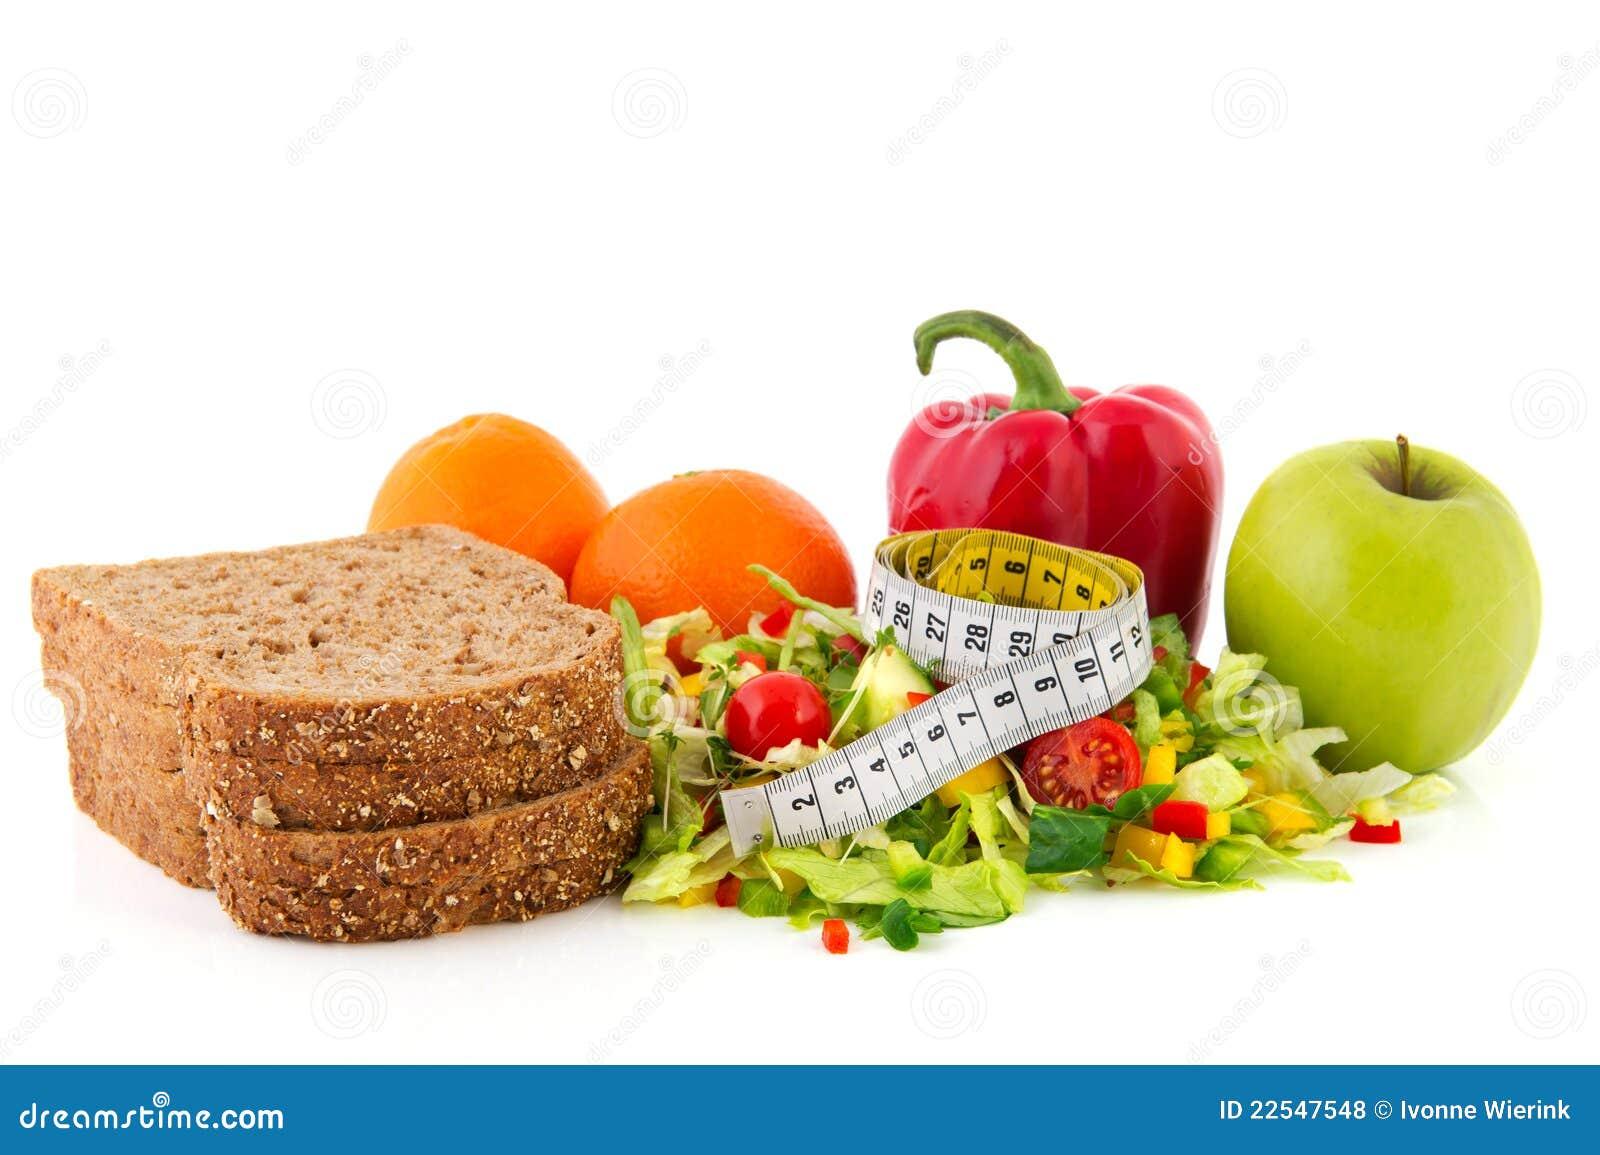 Comida de la dieta con la cinta de medici n fotos de - Fotos de comodas ...